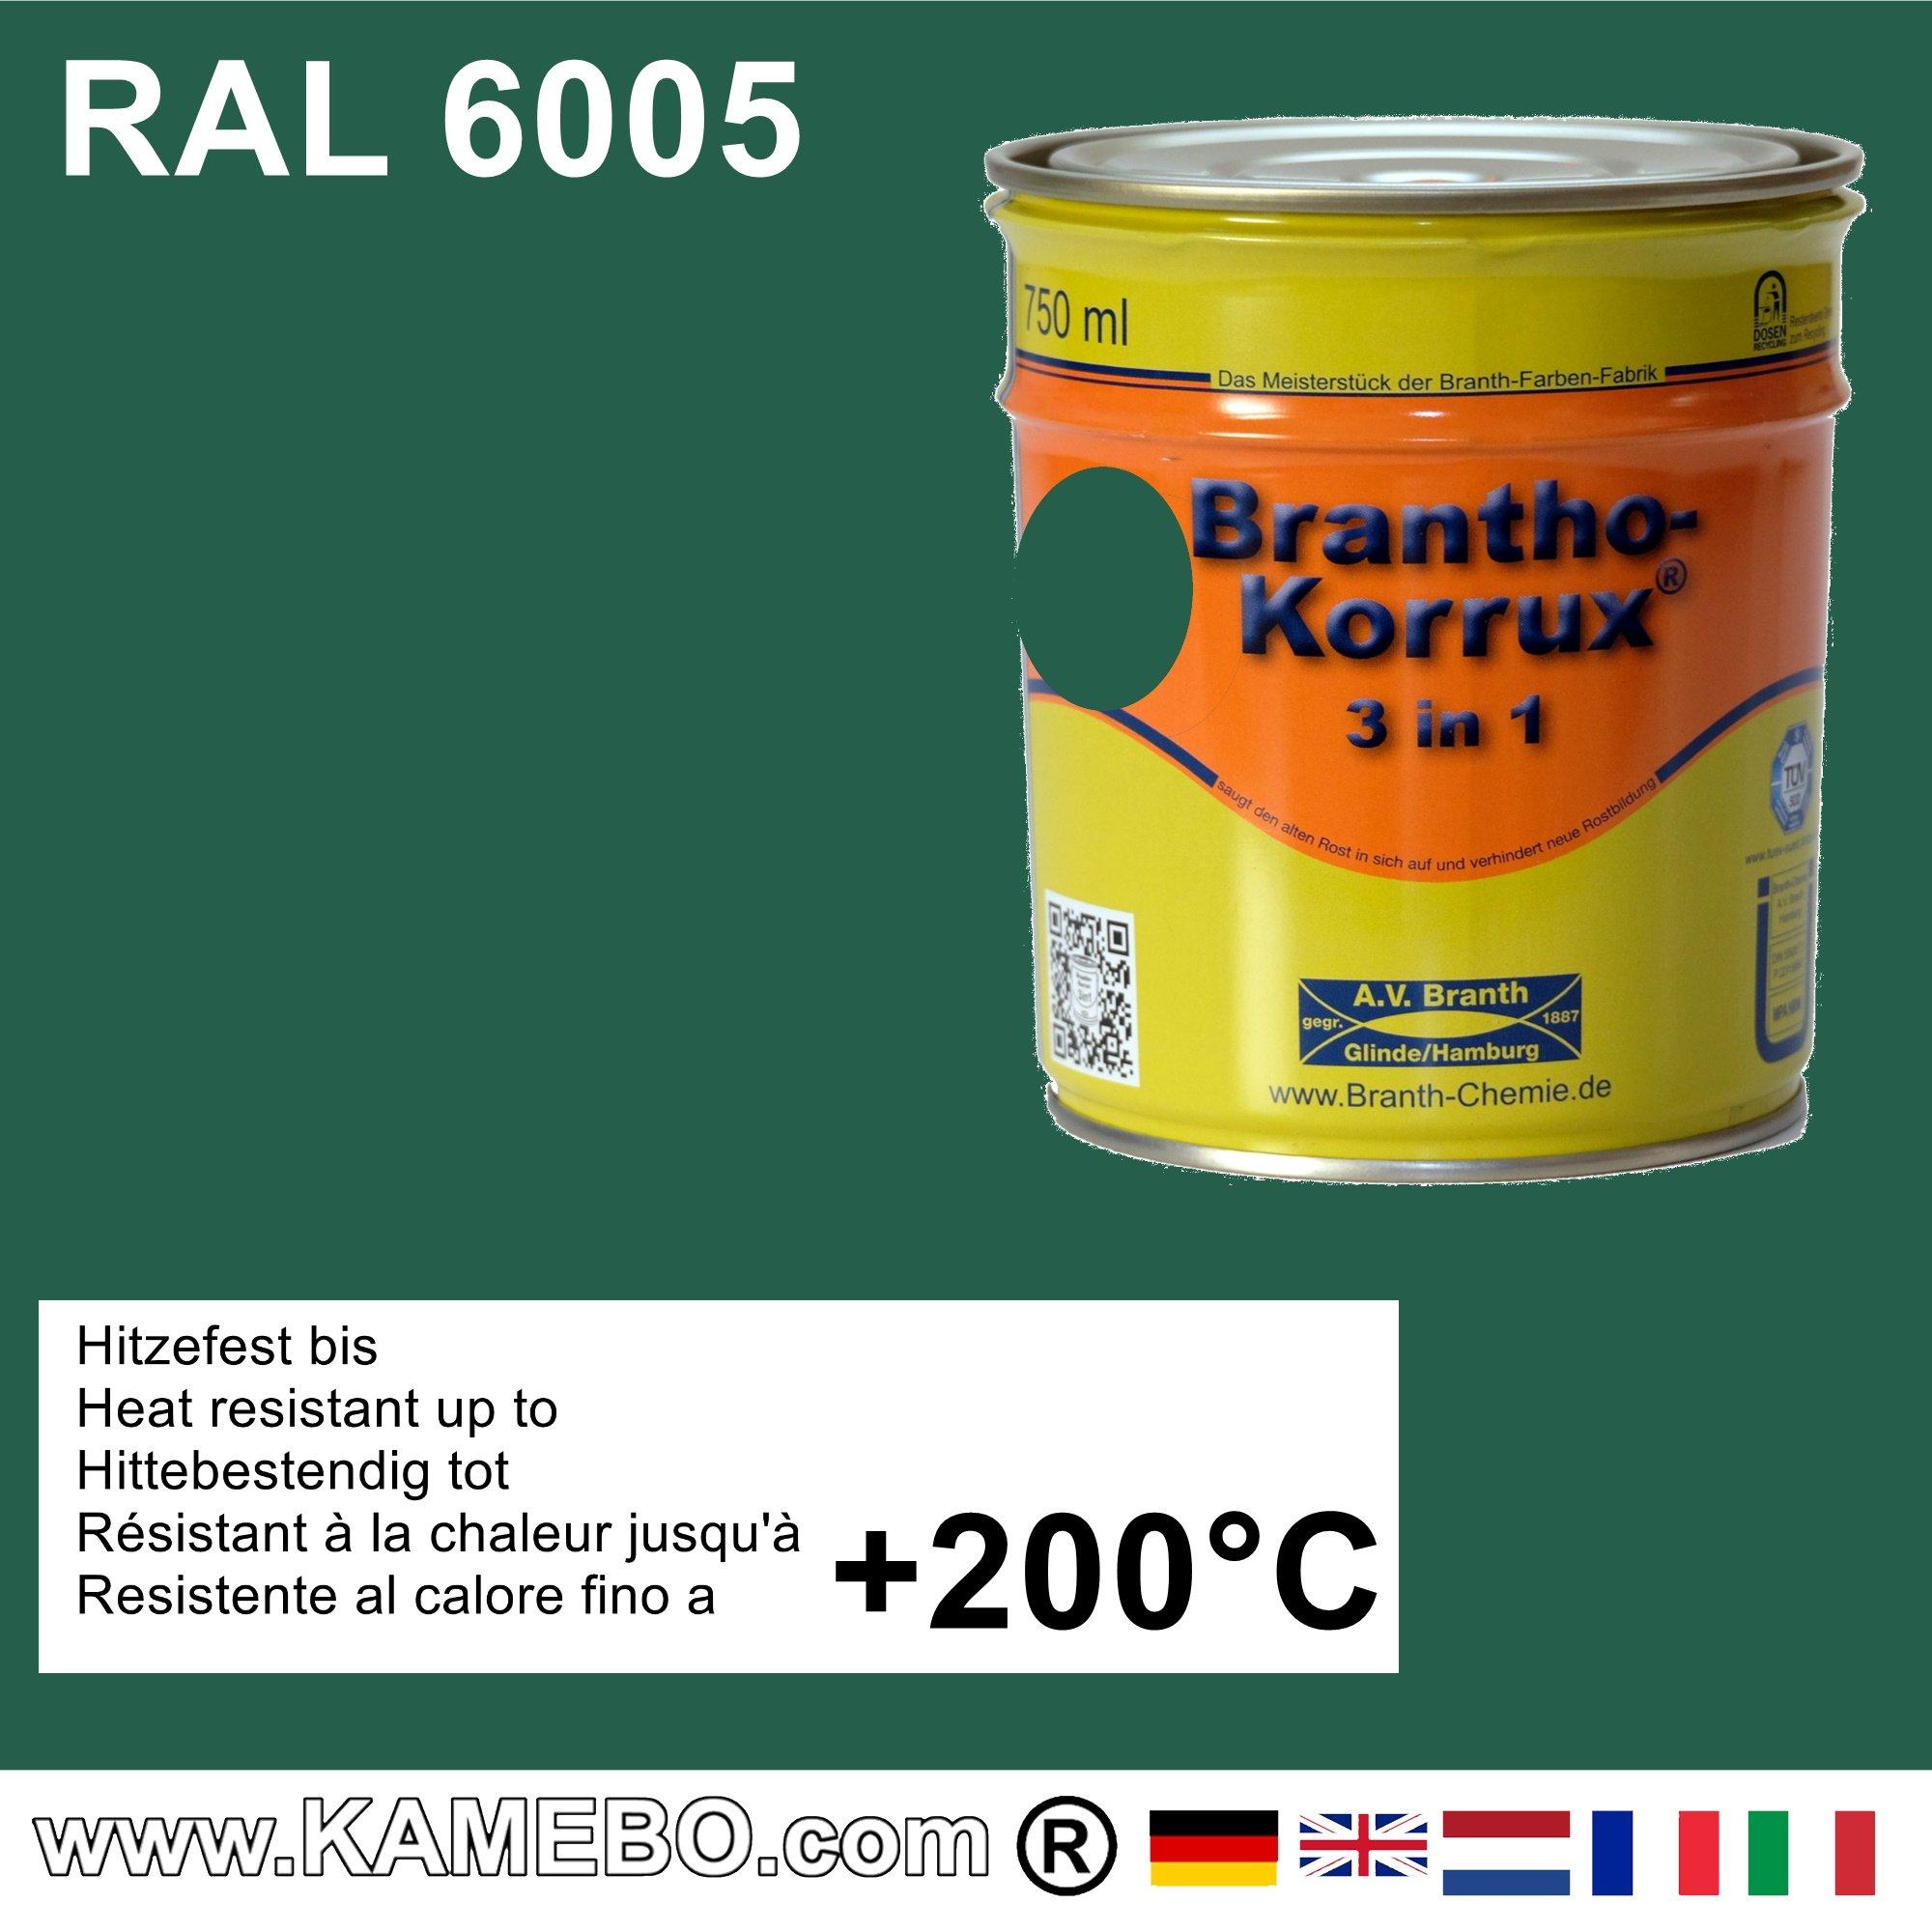 brantho korrux 3in1 rostschutzlack ral 6005 moosgr n 750 ml. Black Bedroom Furniture Sets. Home Design Ideas